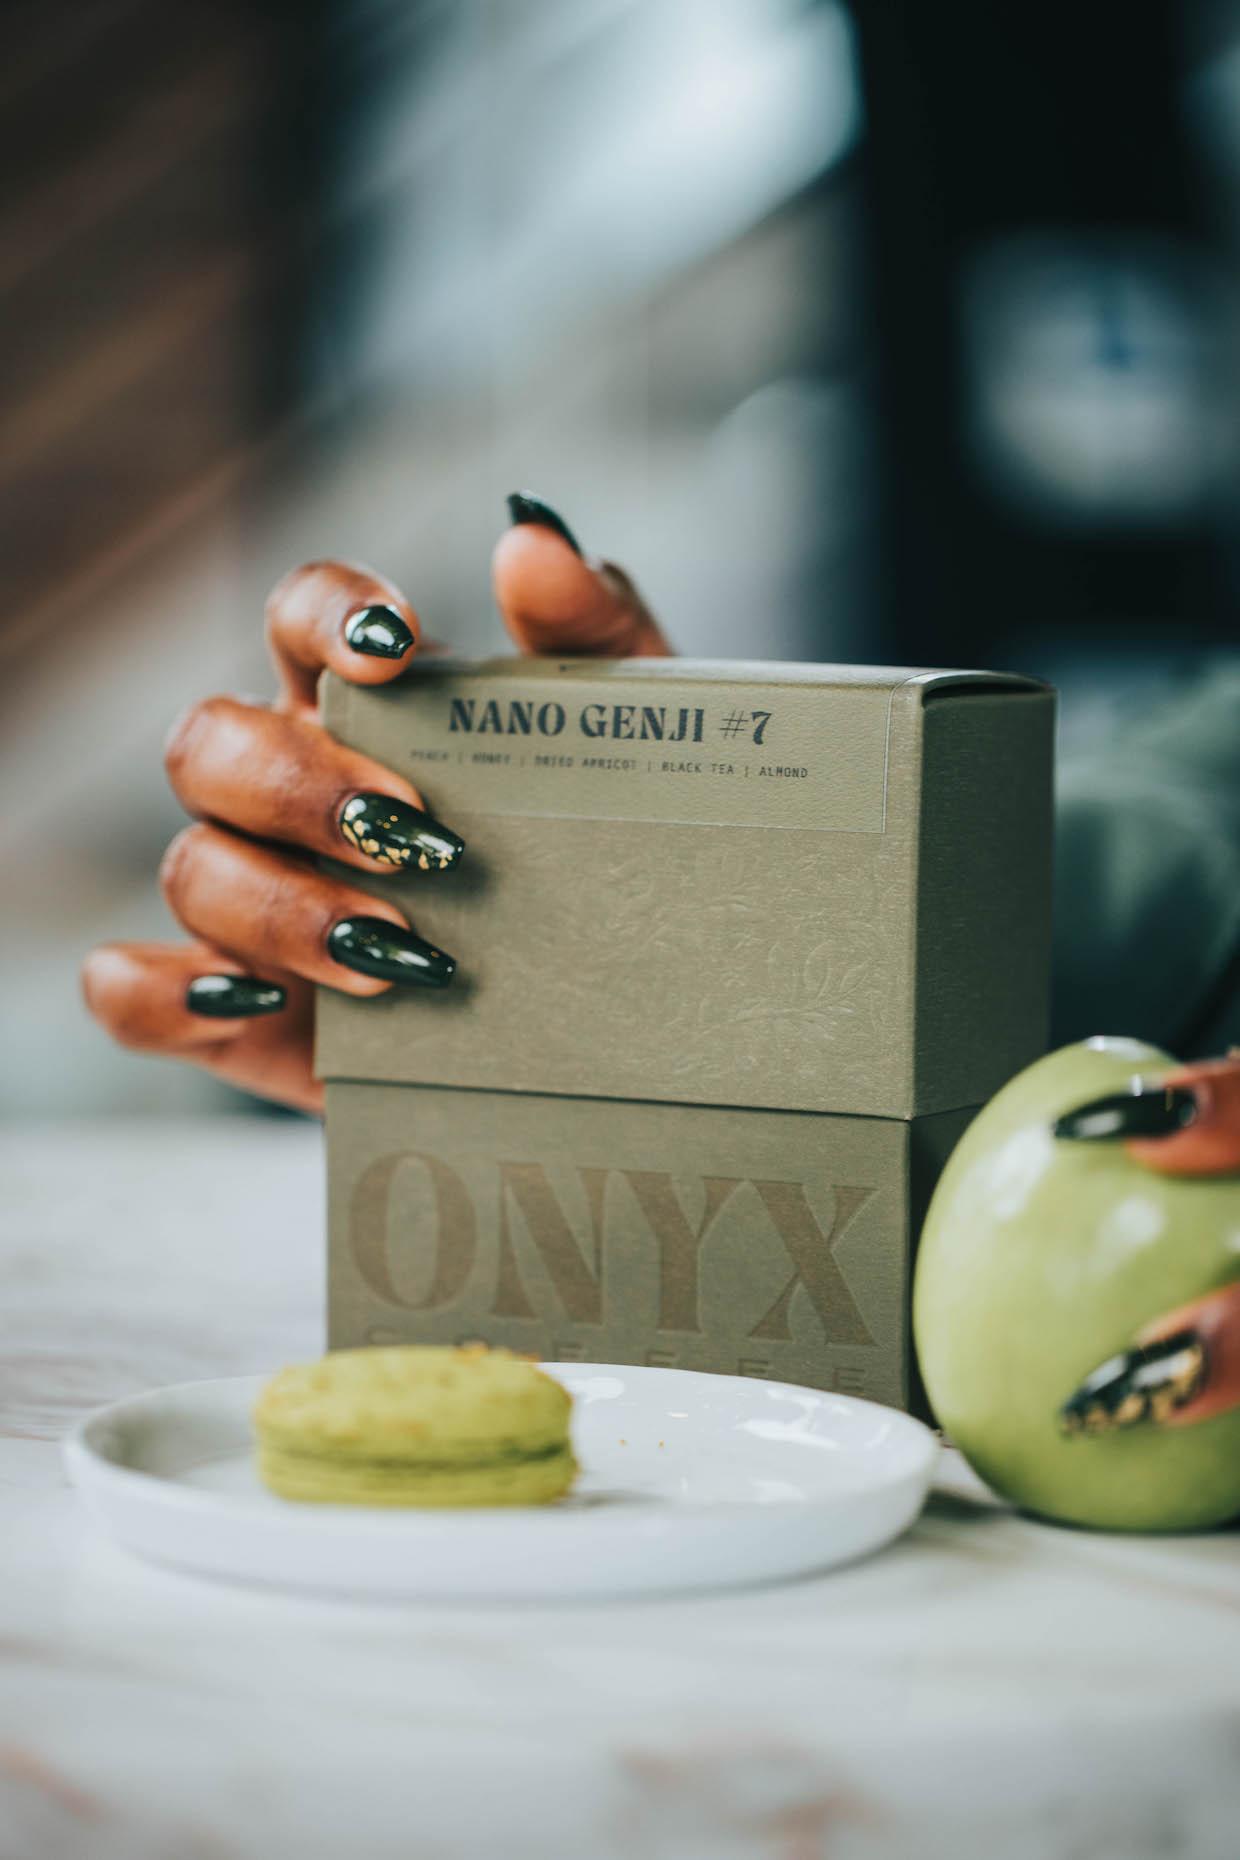 Onyx Coffee Box 2